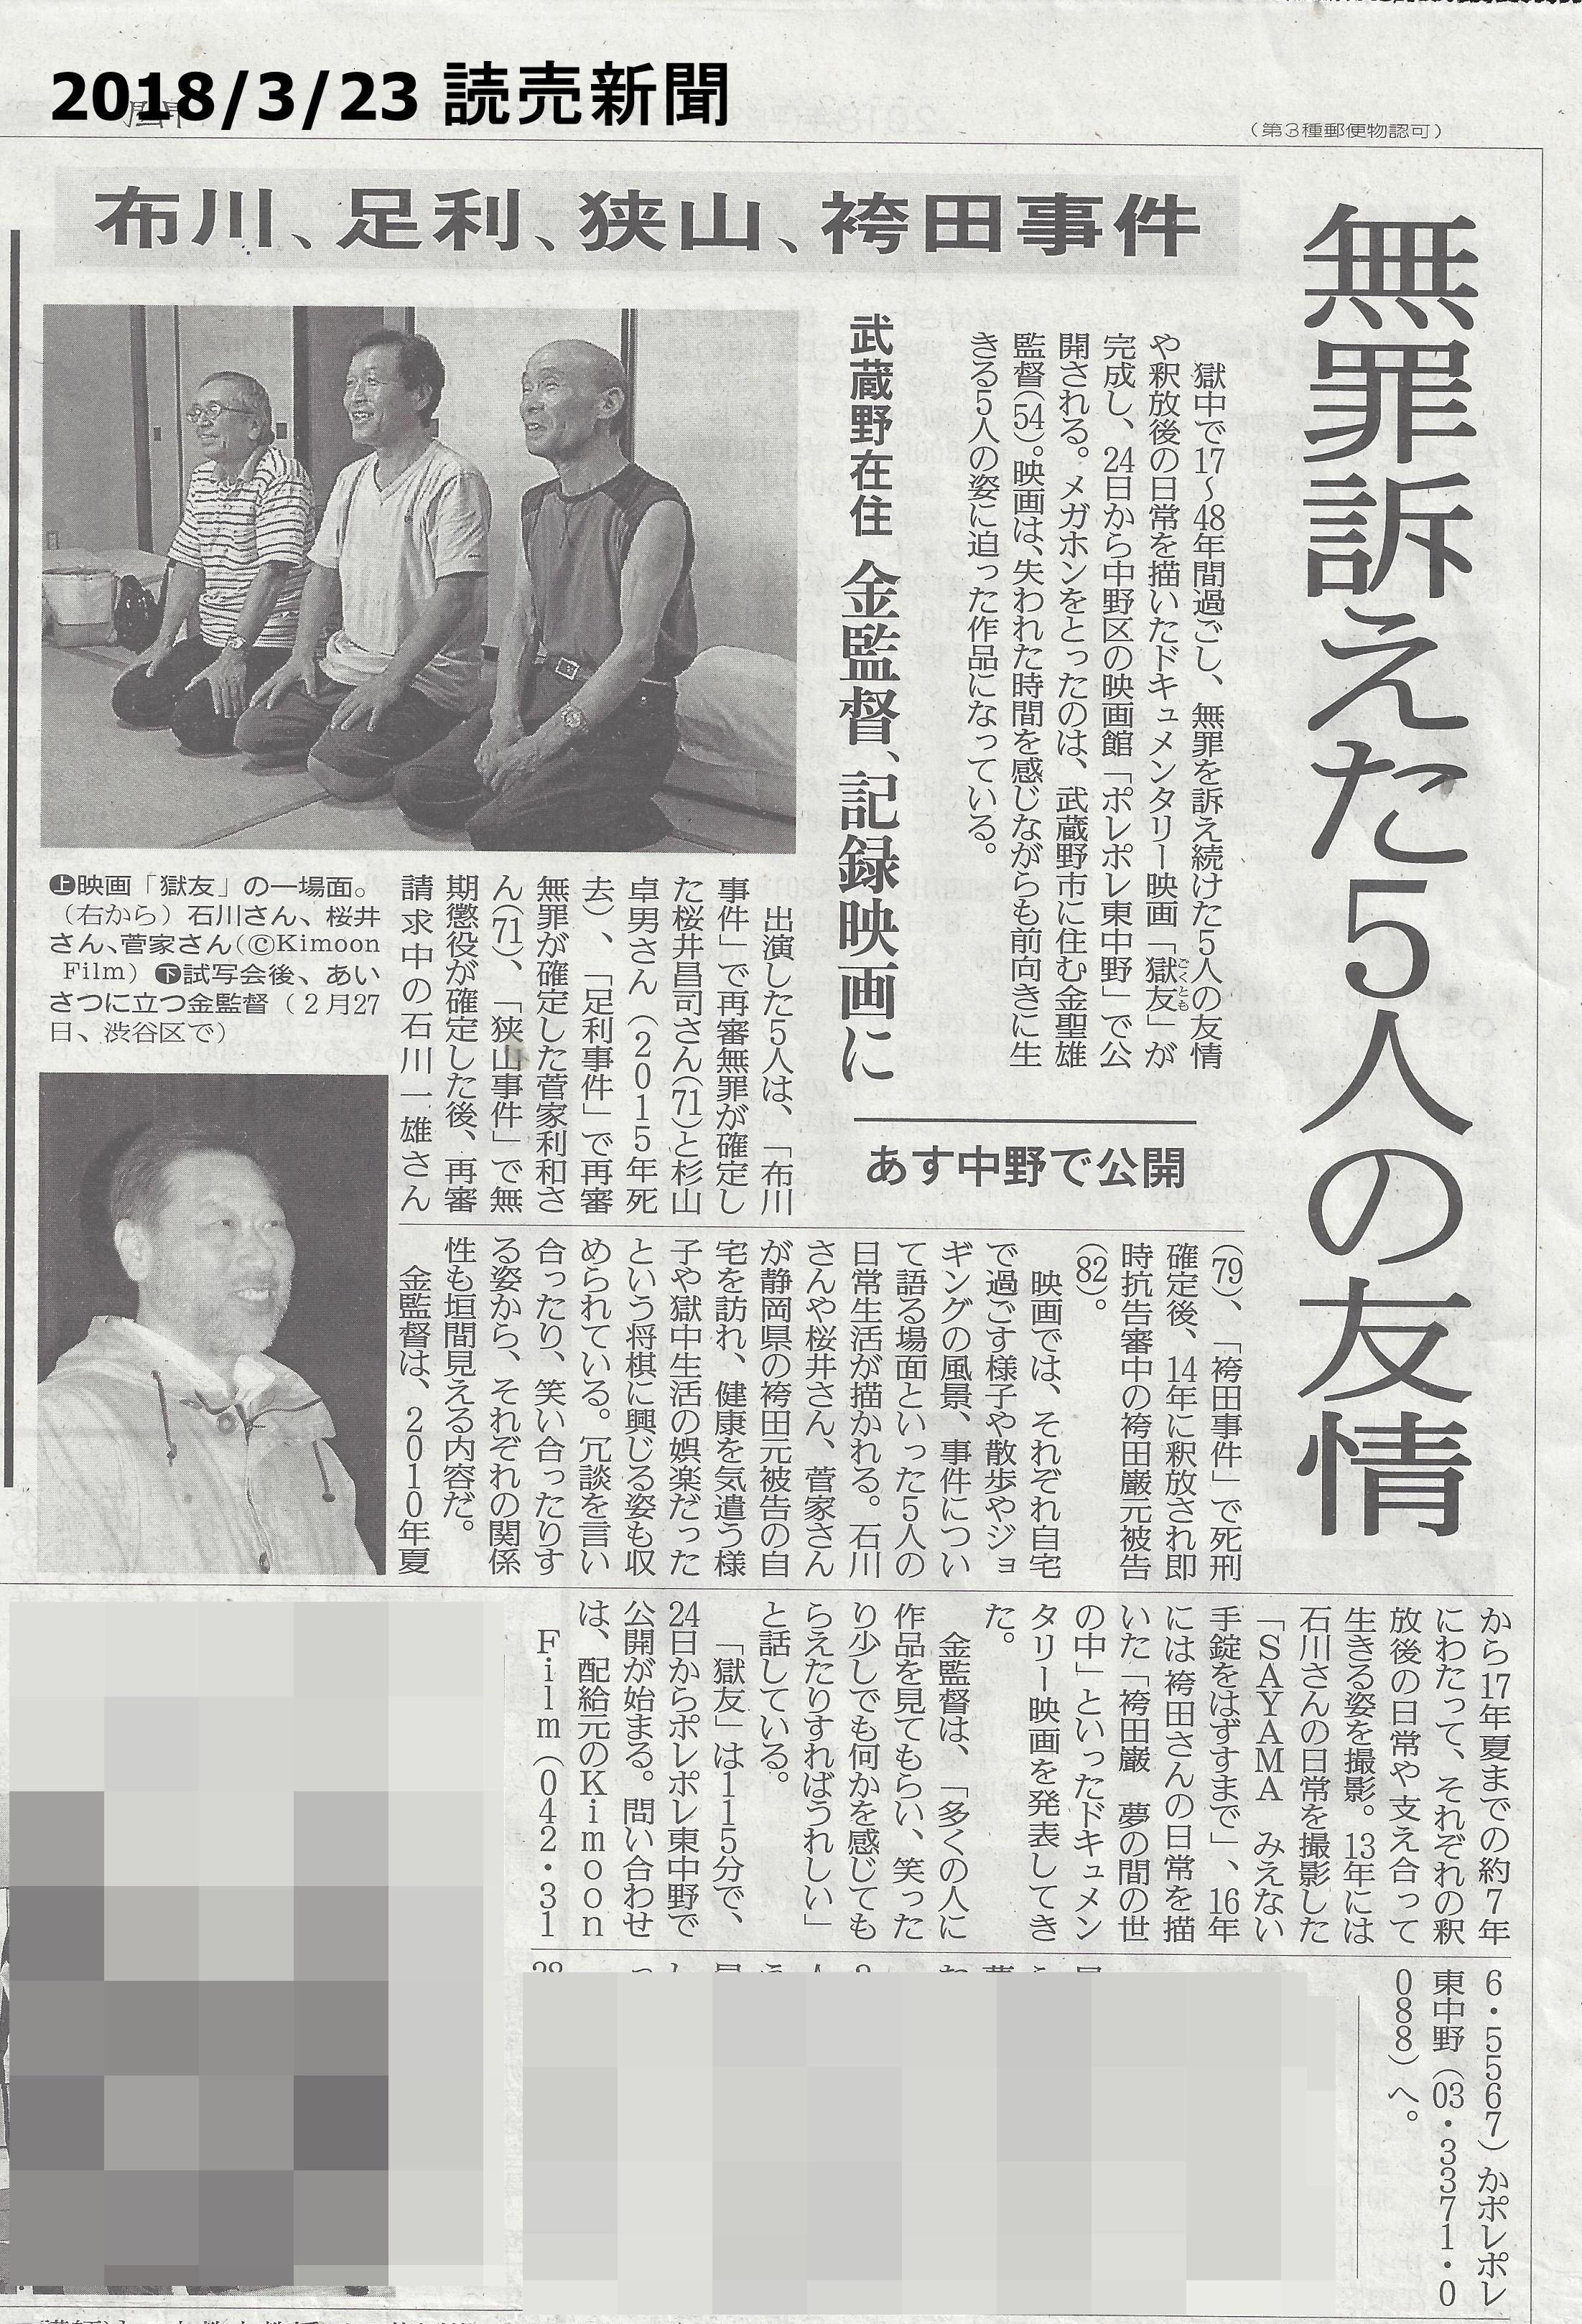 2018.3.23 読売新聞